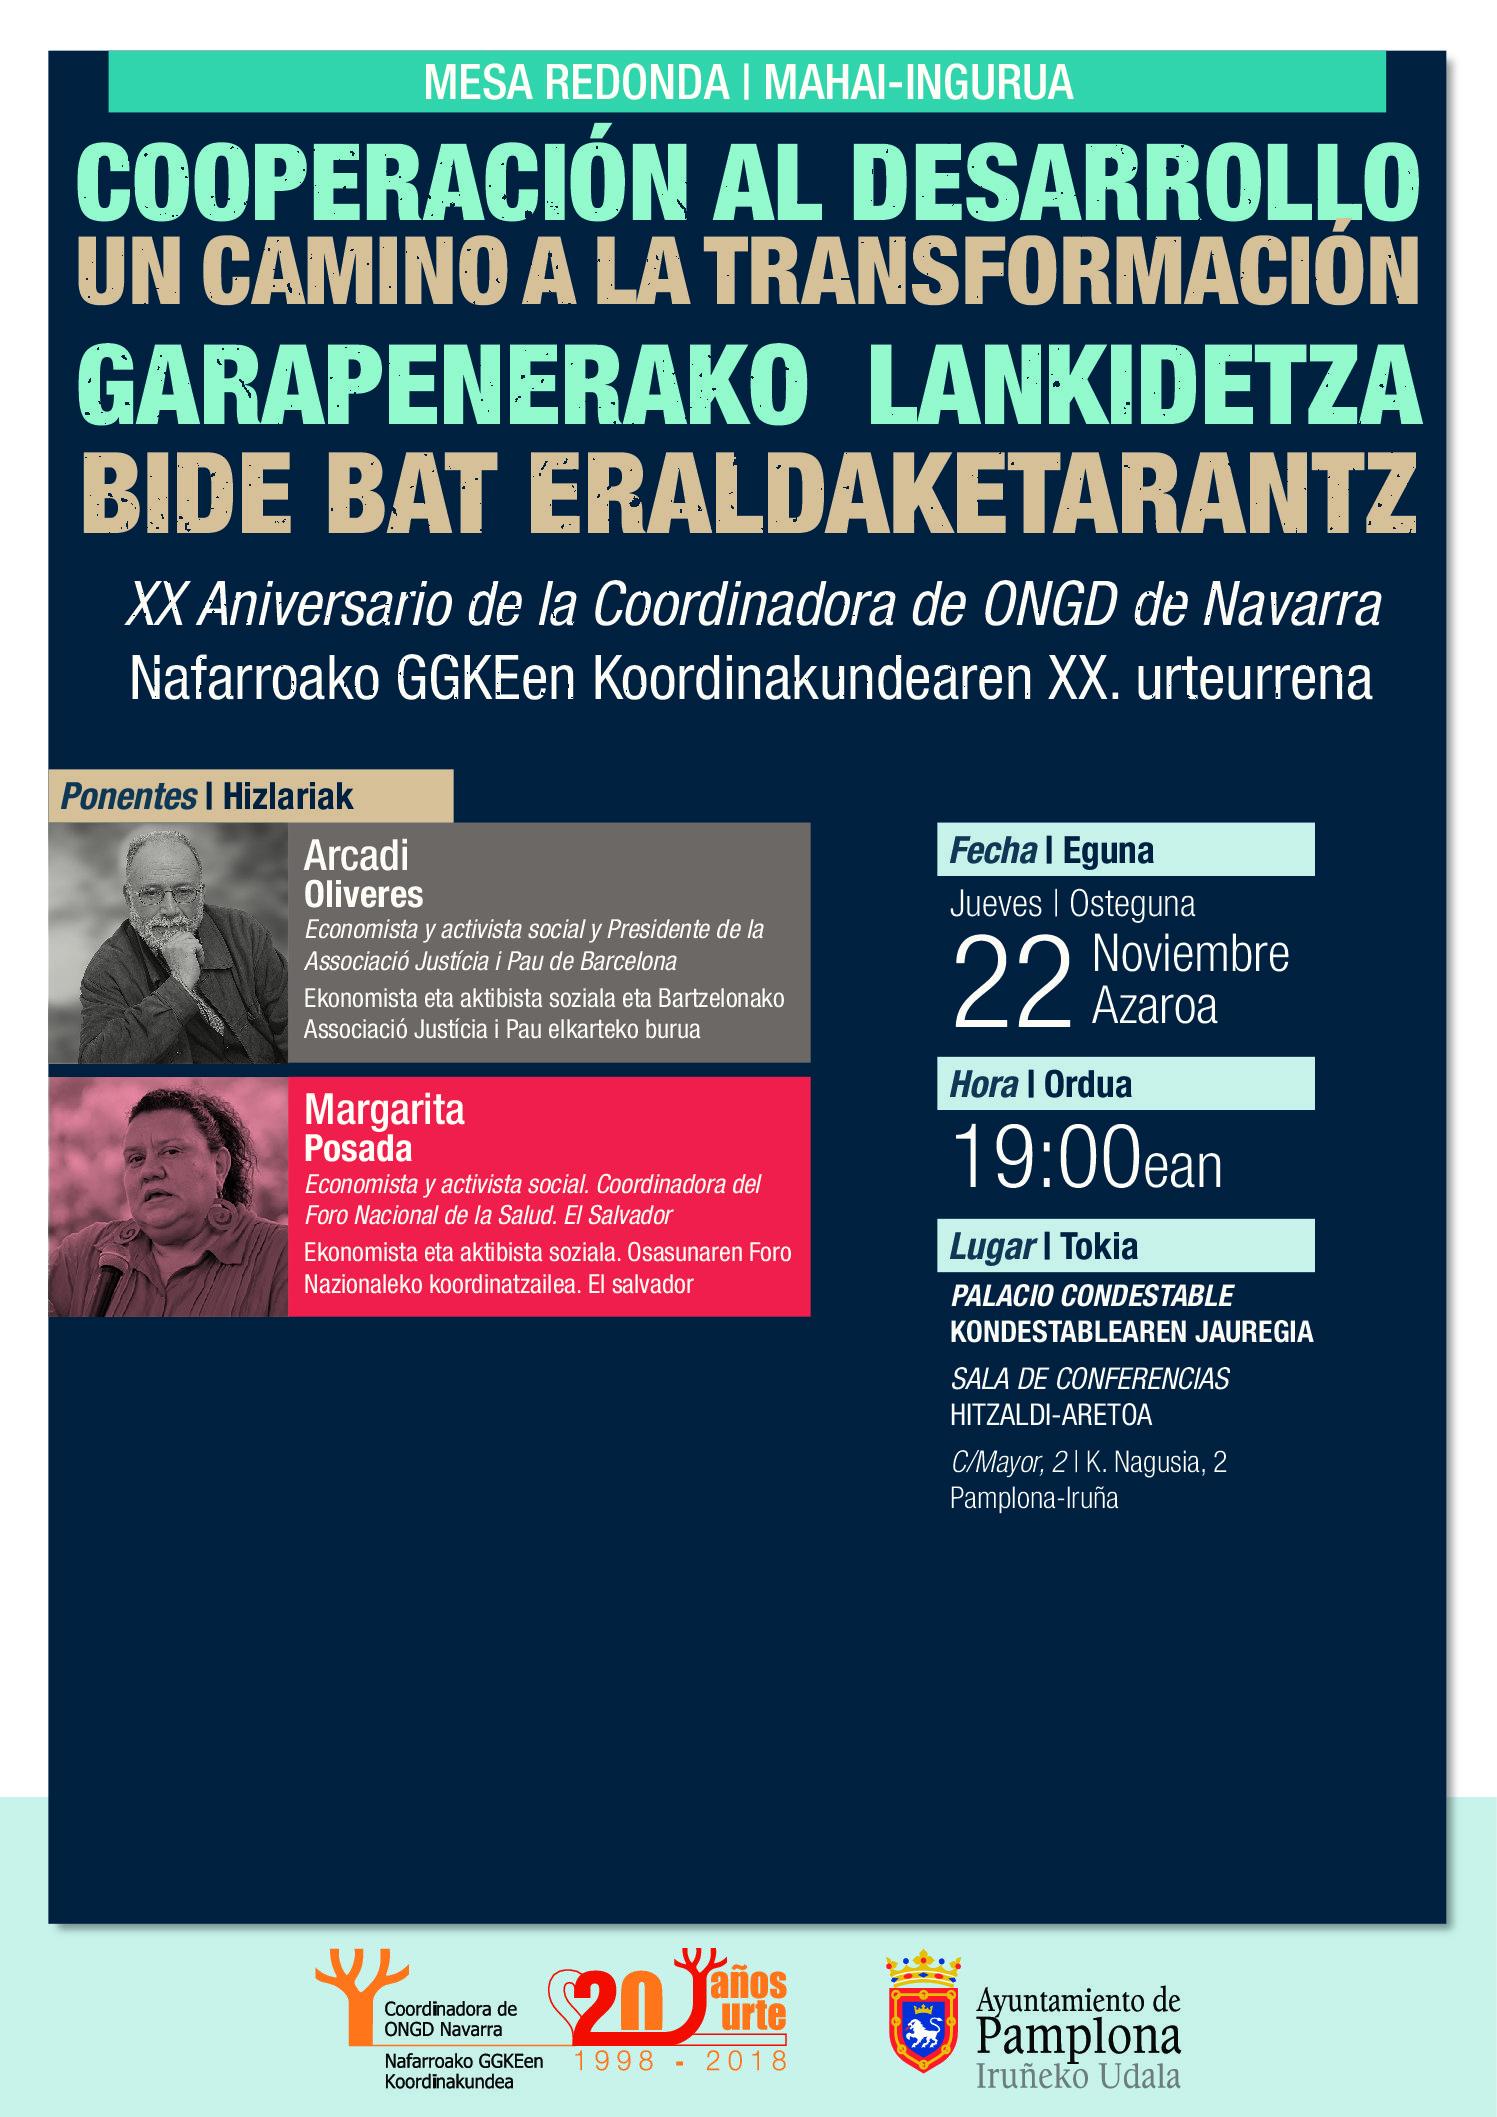 Celebramos nuestro 20 Aniversario en un Encuentro con Margarita Posada y Arcadi Oliveres.